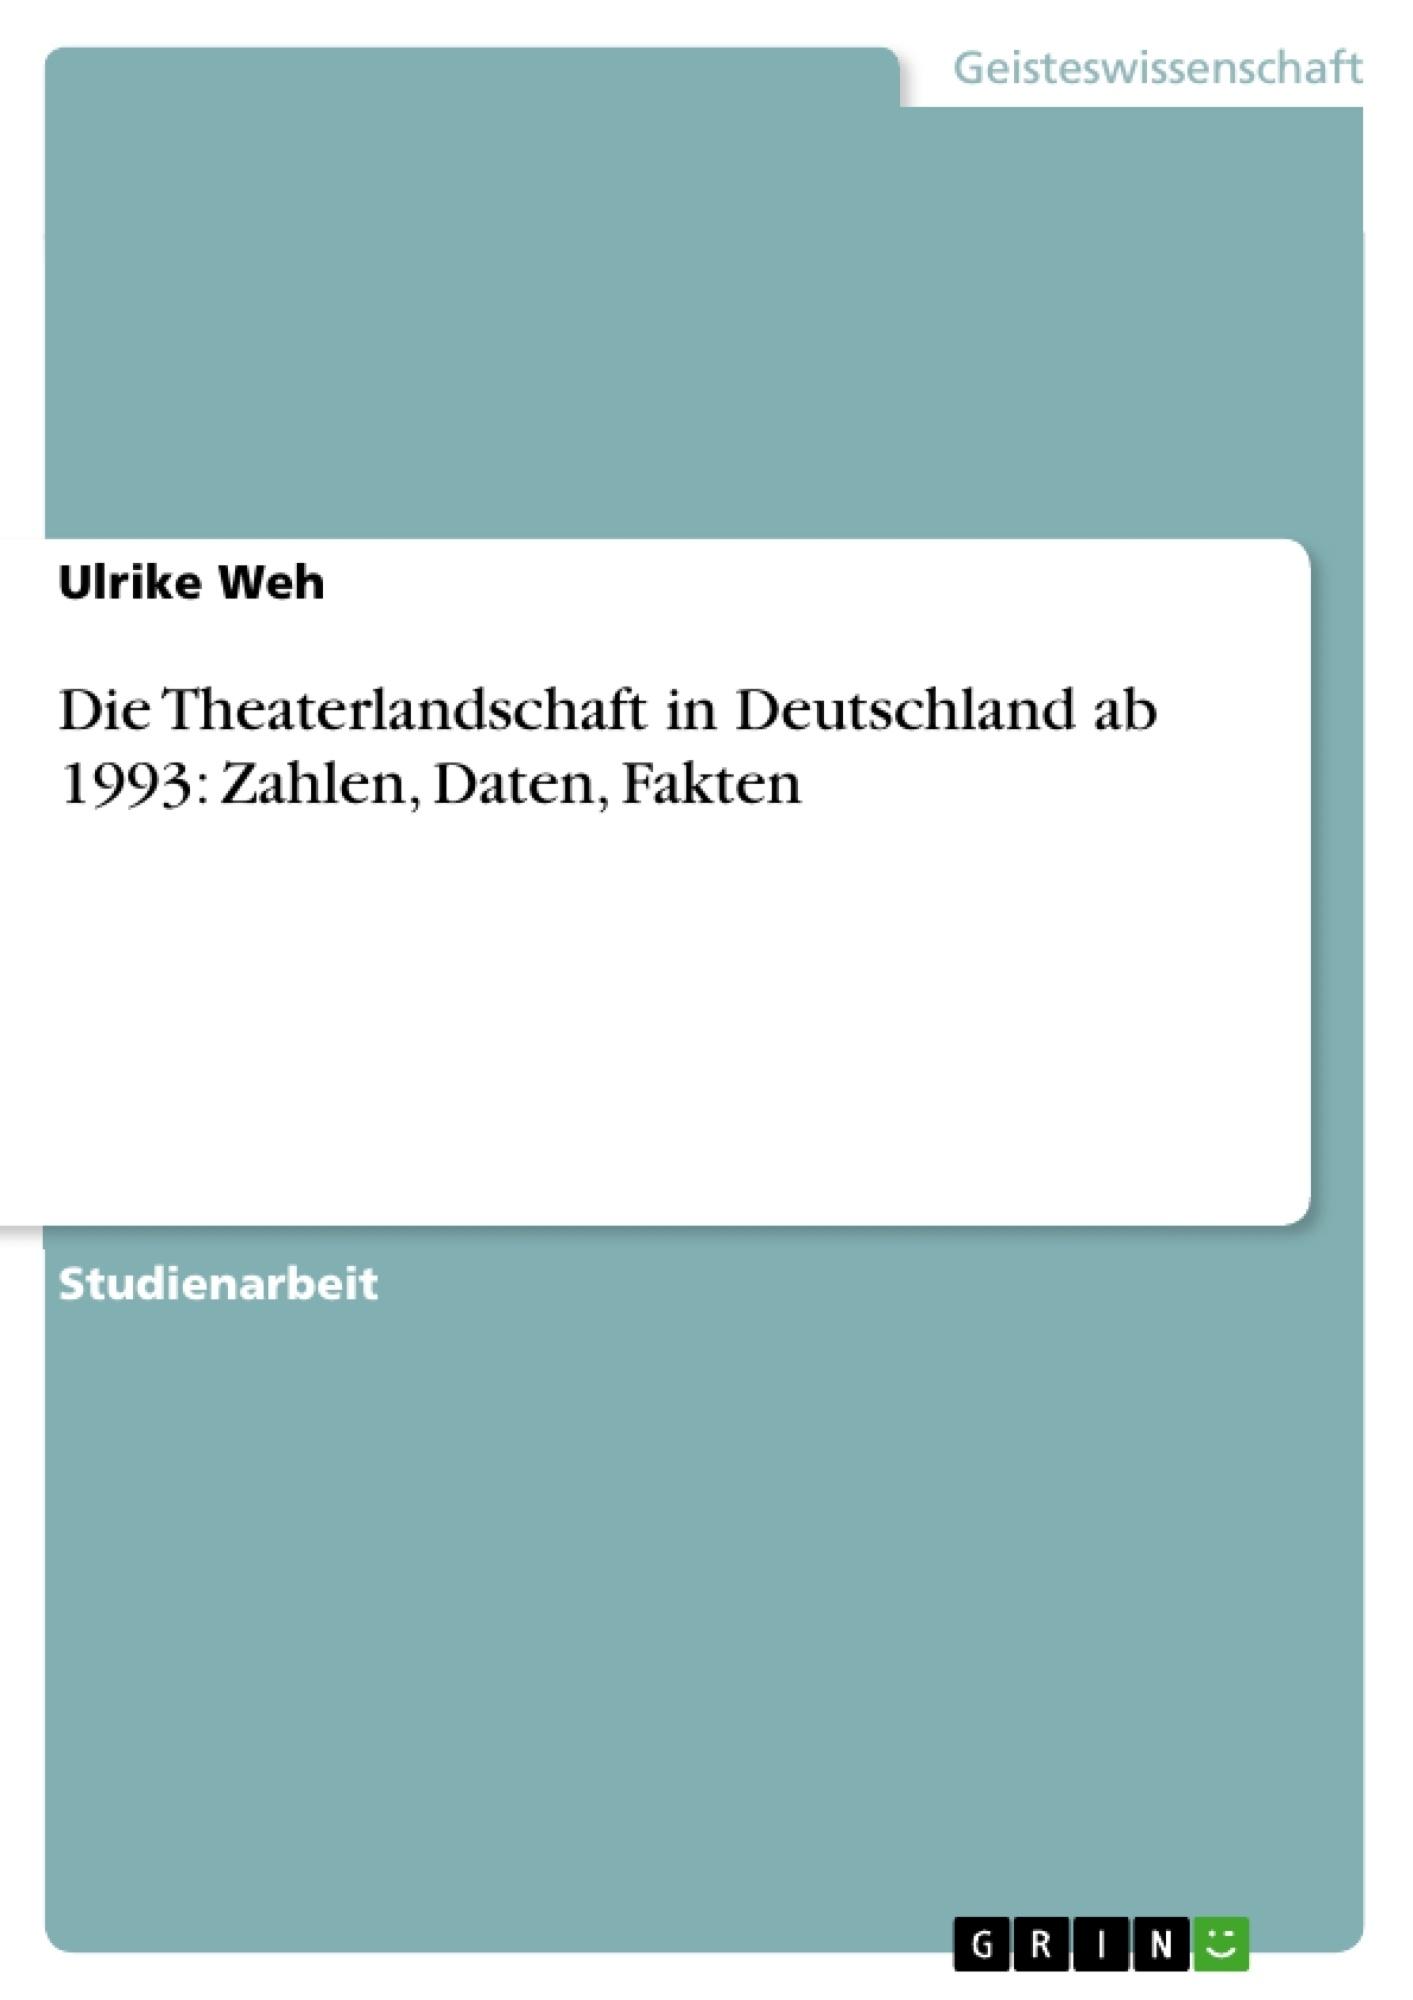 Titel: Die Theaterlandschaft in Deutschland ab 1993: Zahlen, Daten, Fakten